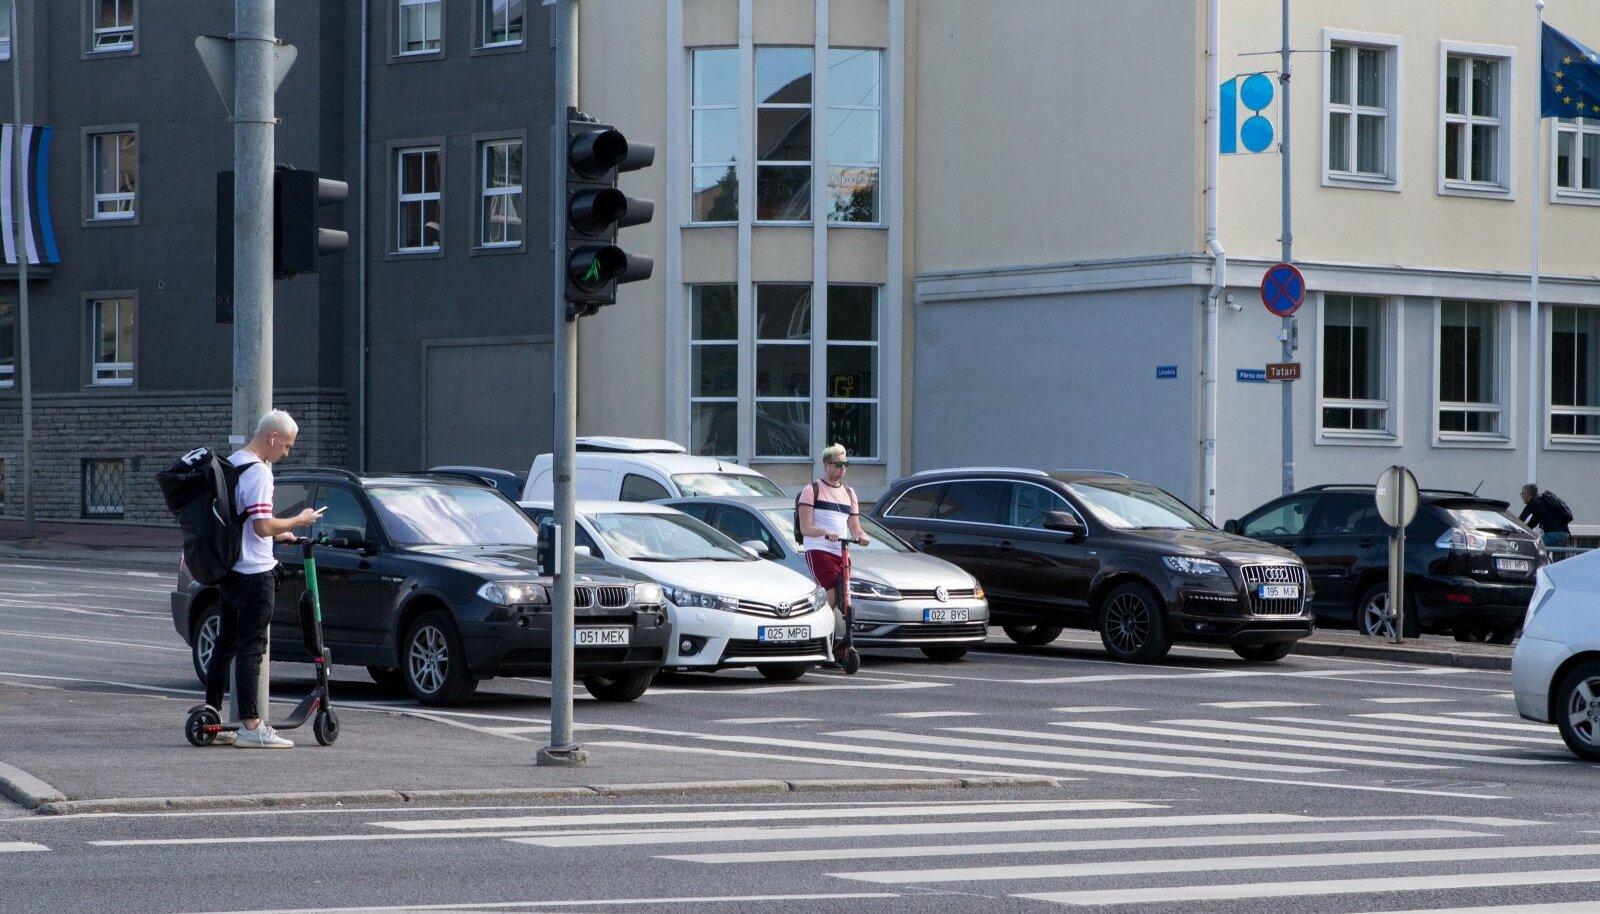 Elektritõukerattaid on liikluses üha enam (pilt on illustratiivne).